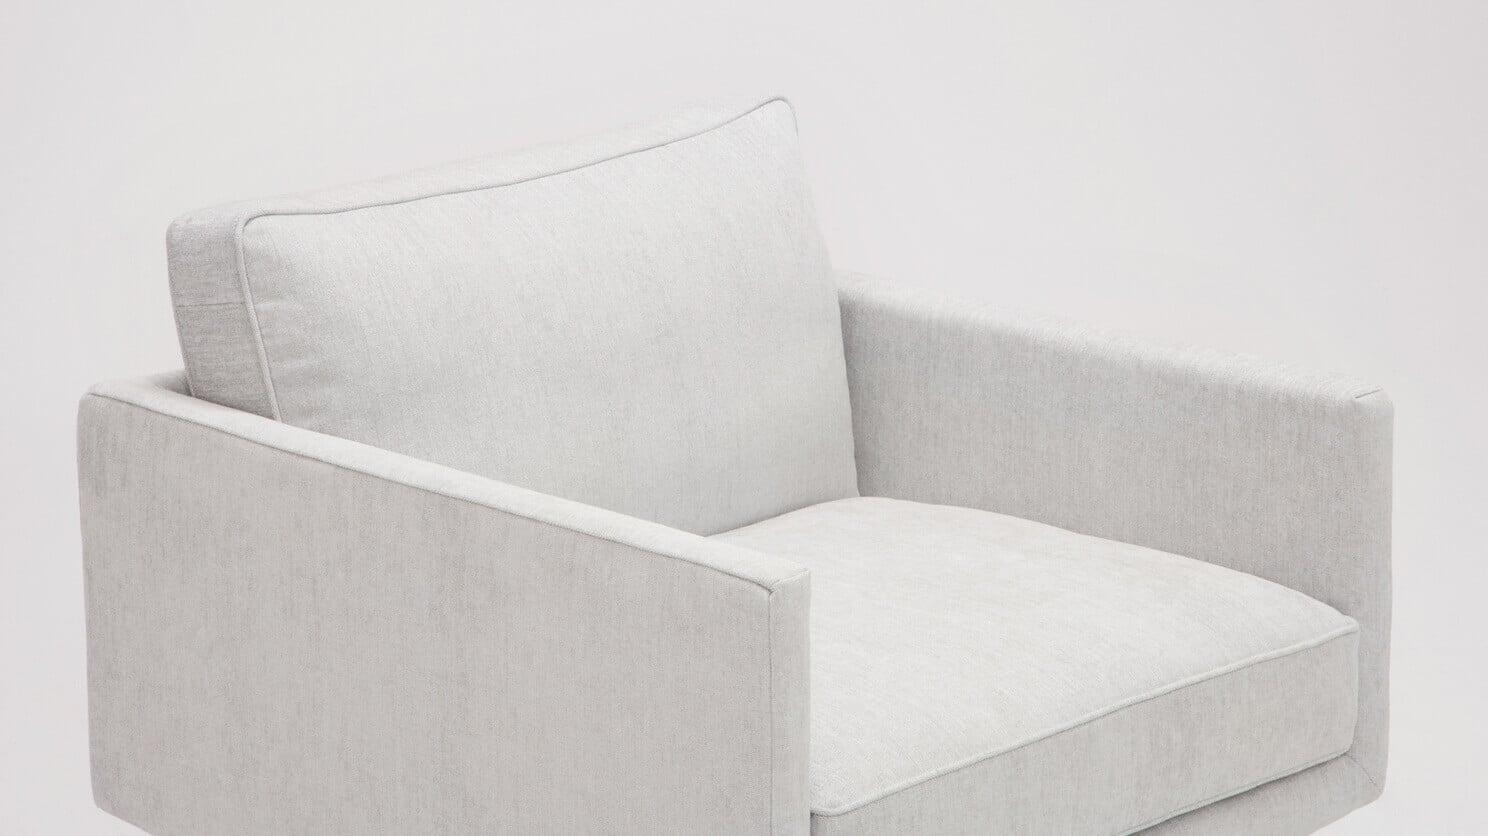 30154 95 3 chairs plateau club chair feather coda marble detail 01